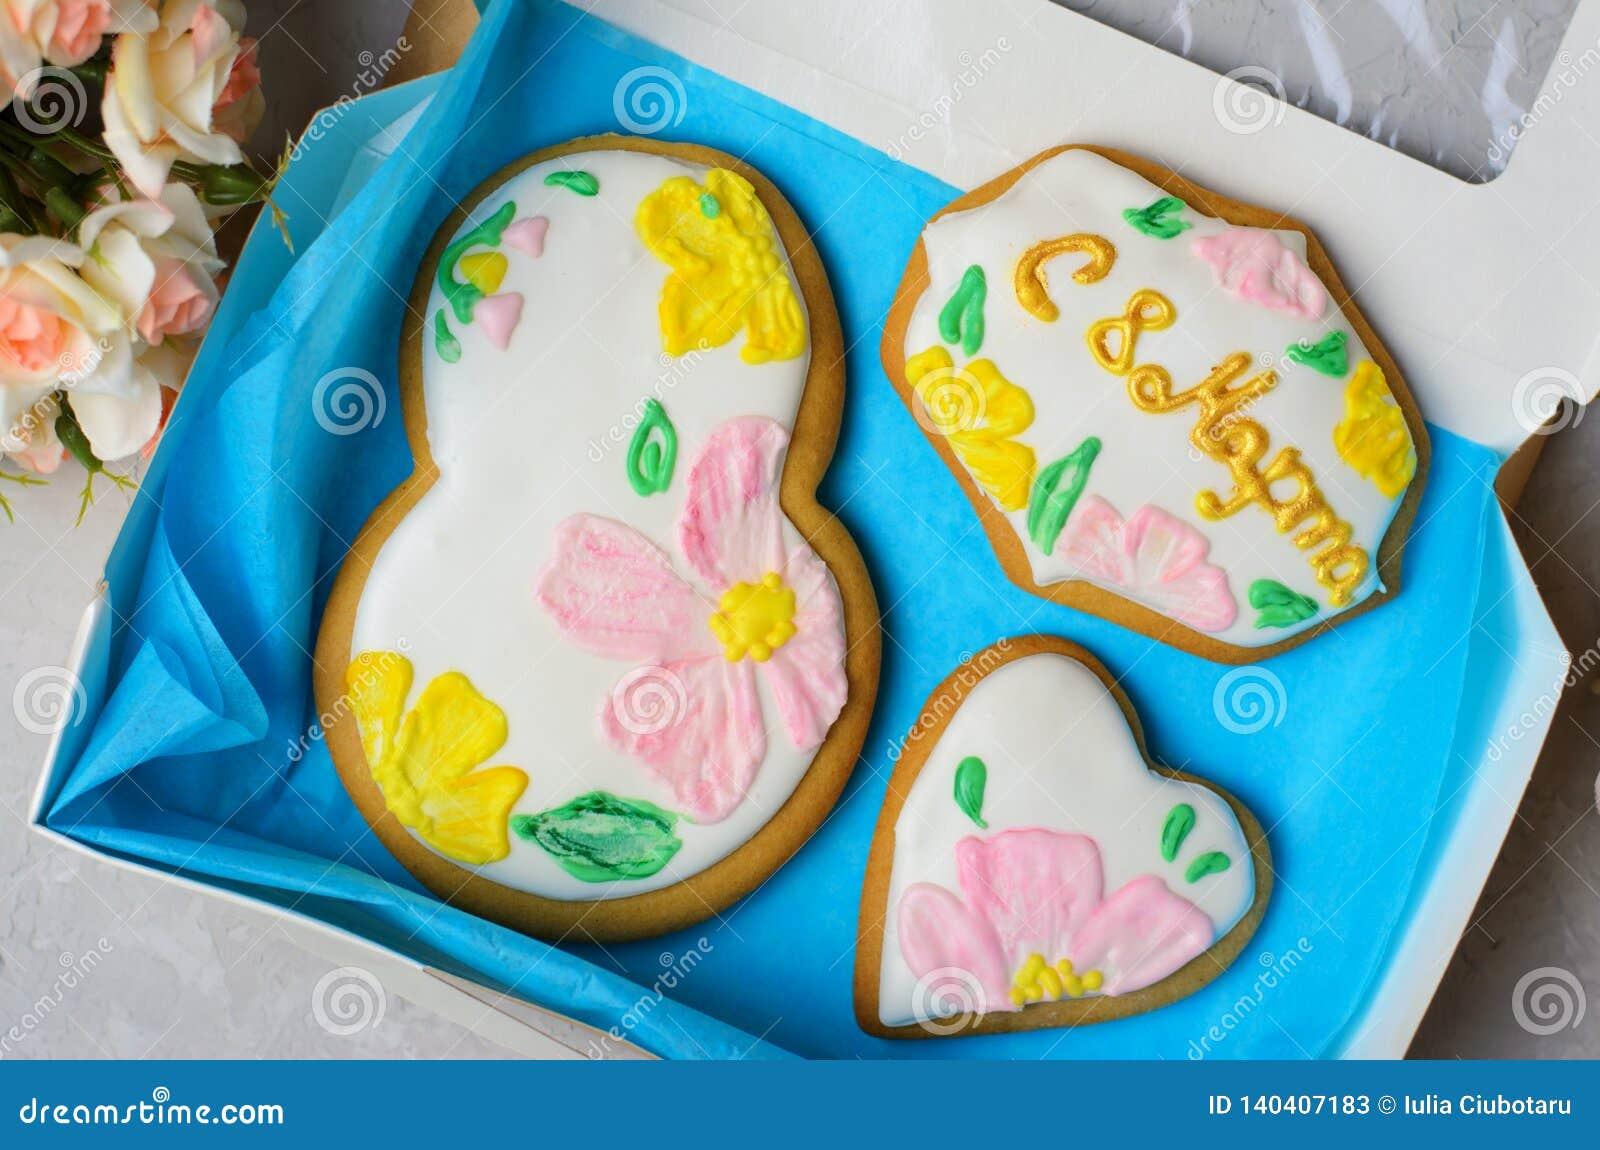 Galletas del pan de jengibre para el 8 de marzo, el día de las mujeres, galletas hechas a mano con Sugar Icing